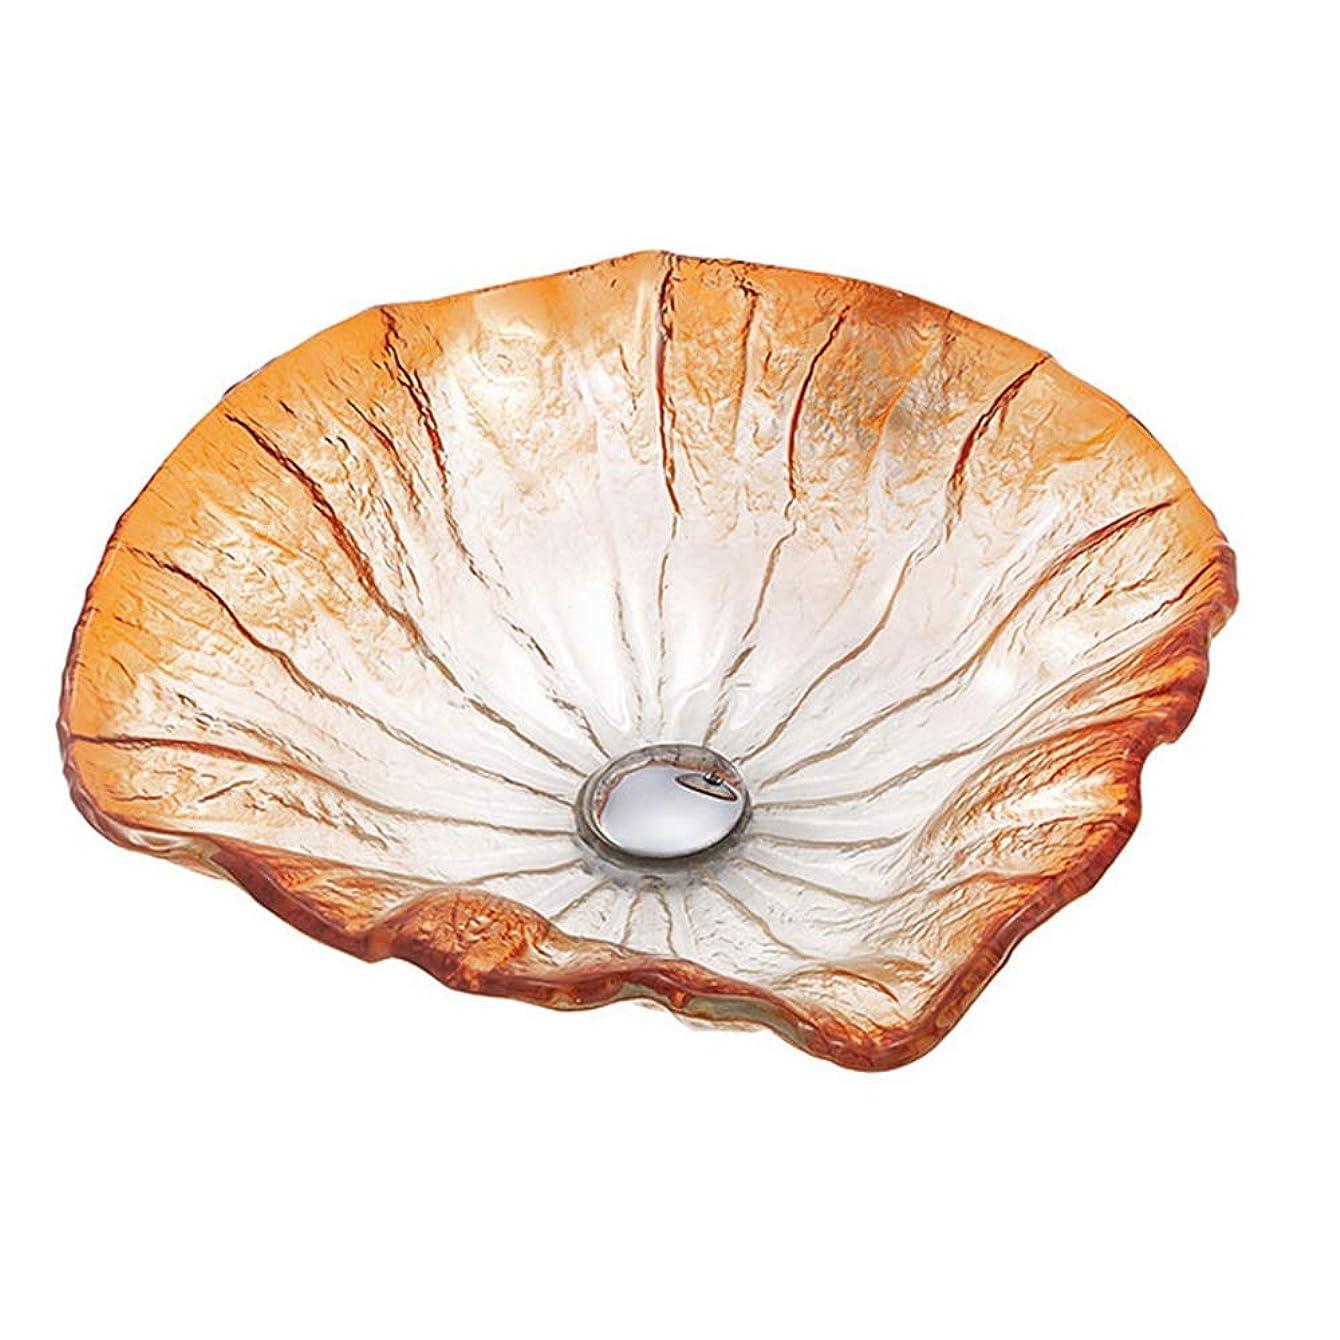 誰か救出宣伝洗面ボウル 強化ガラス製 不規則な花びらの形カウンタートップ設置 洗面器 バスルーム 排水金具付,Maple leaf